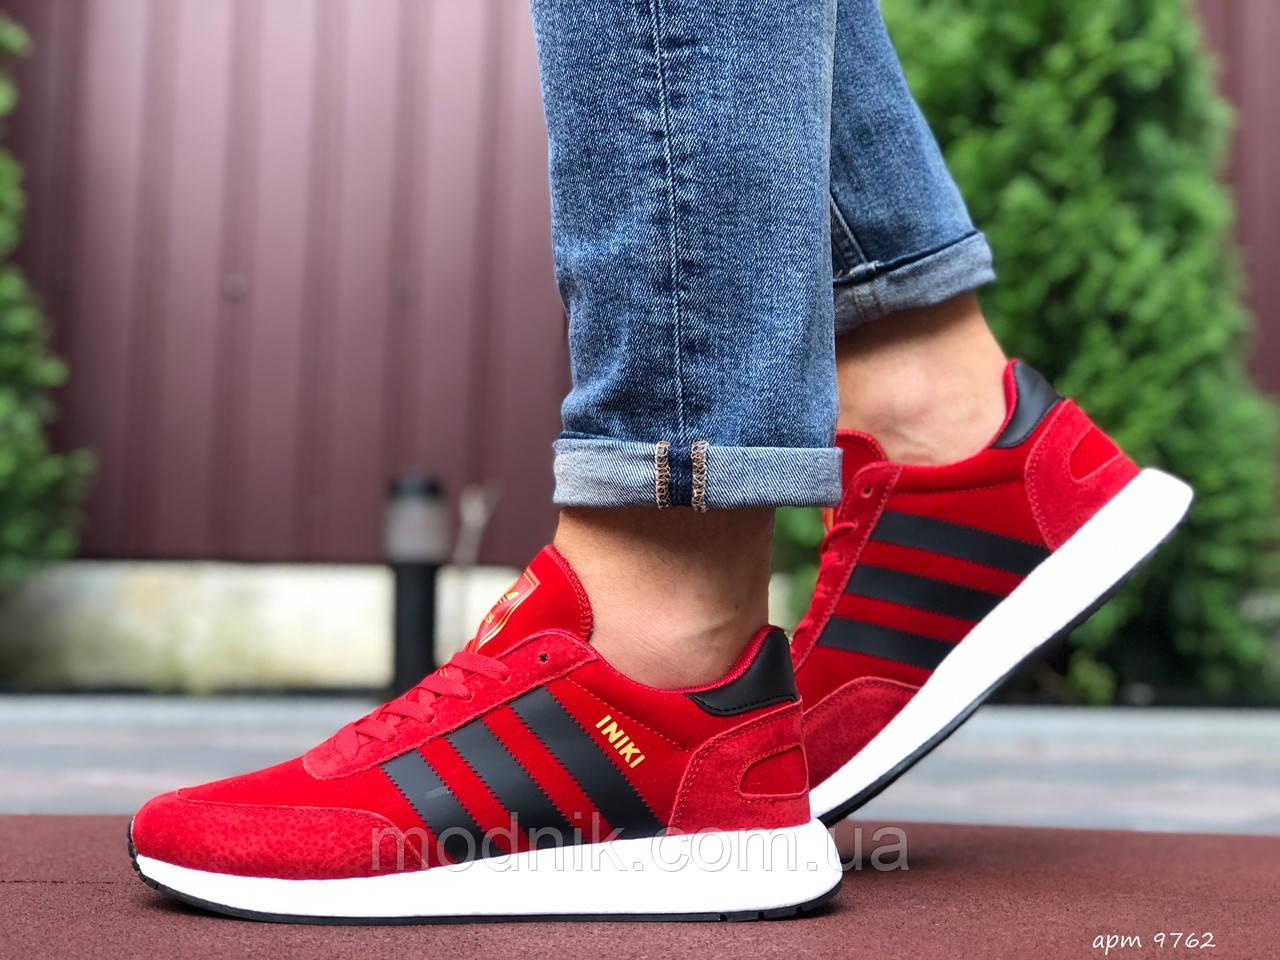 Мужские кроссовки Adidas Iniki (красные) 9762